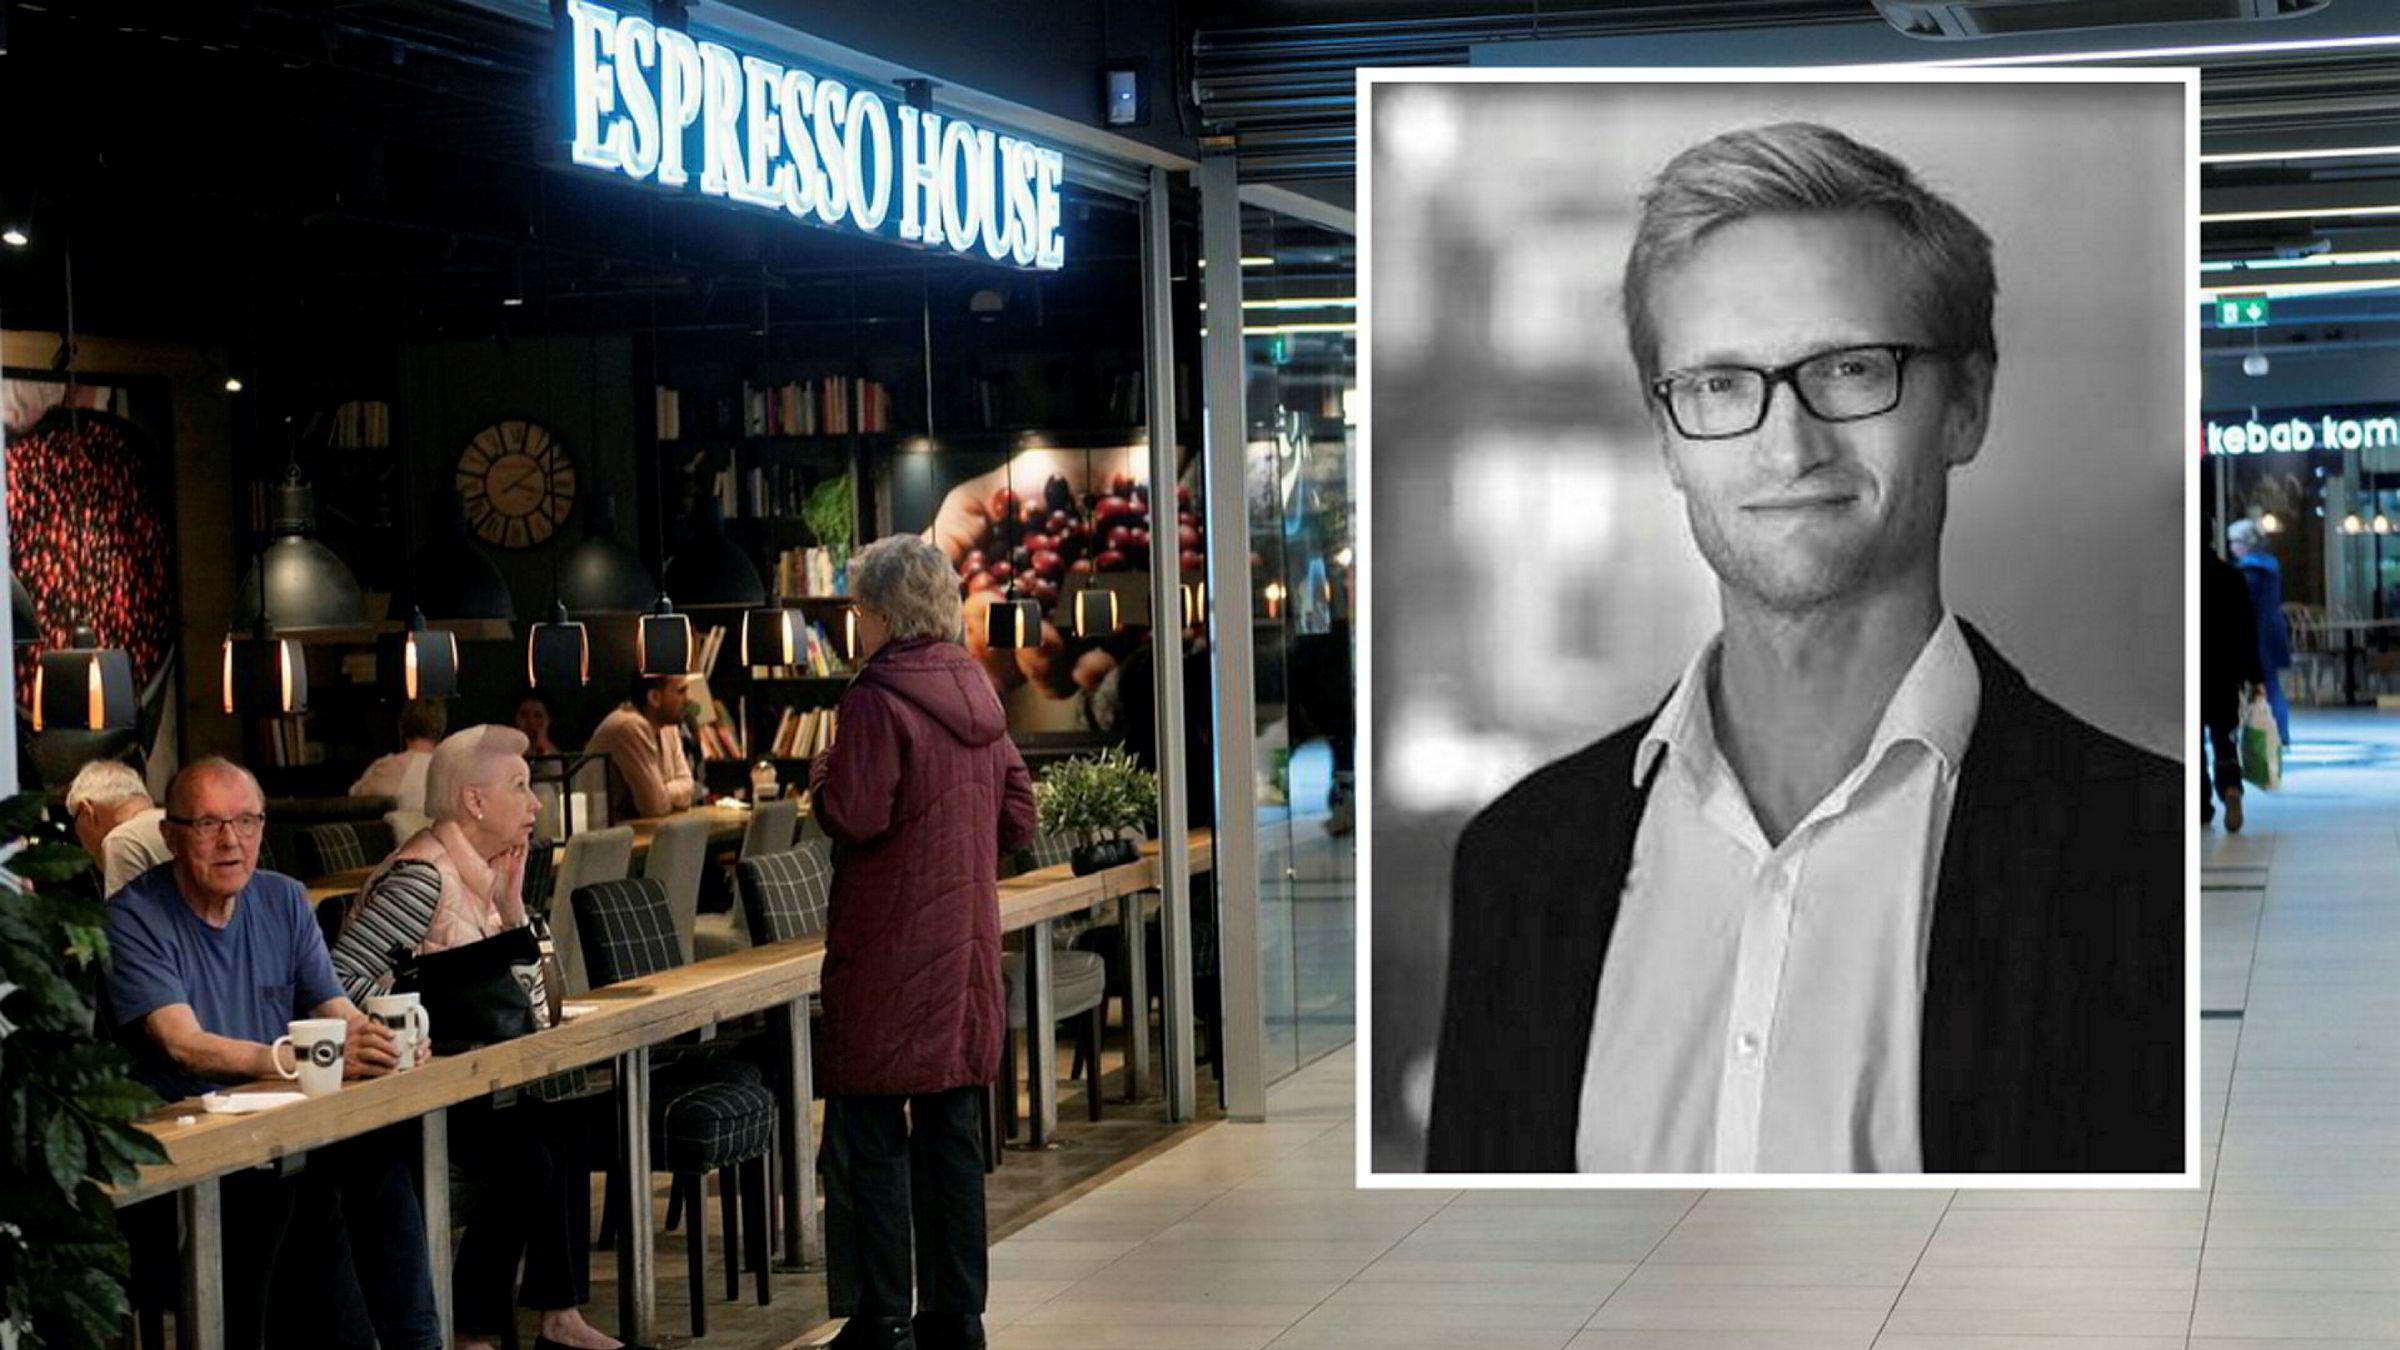 Kaffekjeden Espresso House er blant de største mottagerne av regjeringens kontantstøtte. Økonomiprofessor Gisle Natvik er kritisk til hvor pengene ender opp.